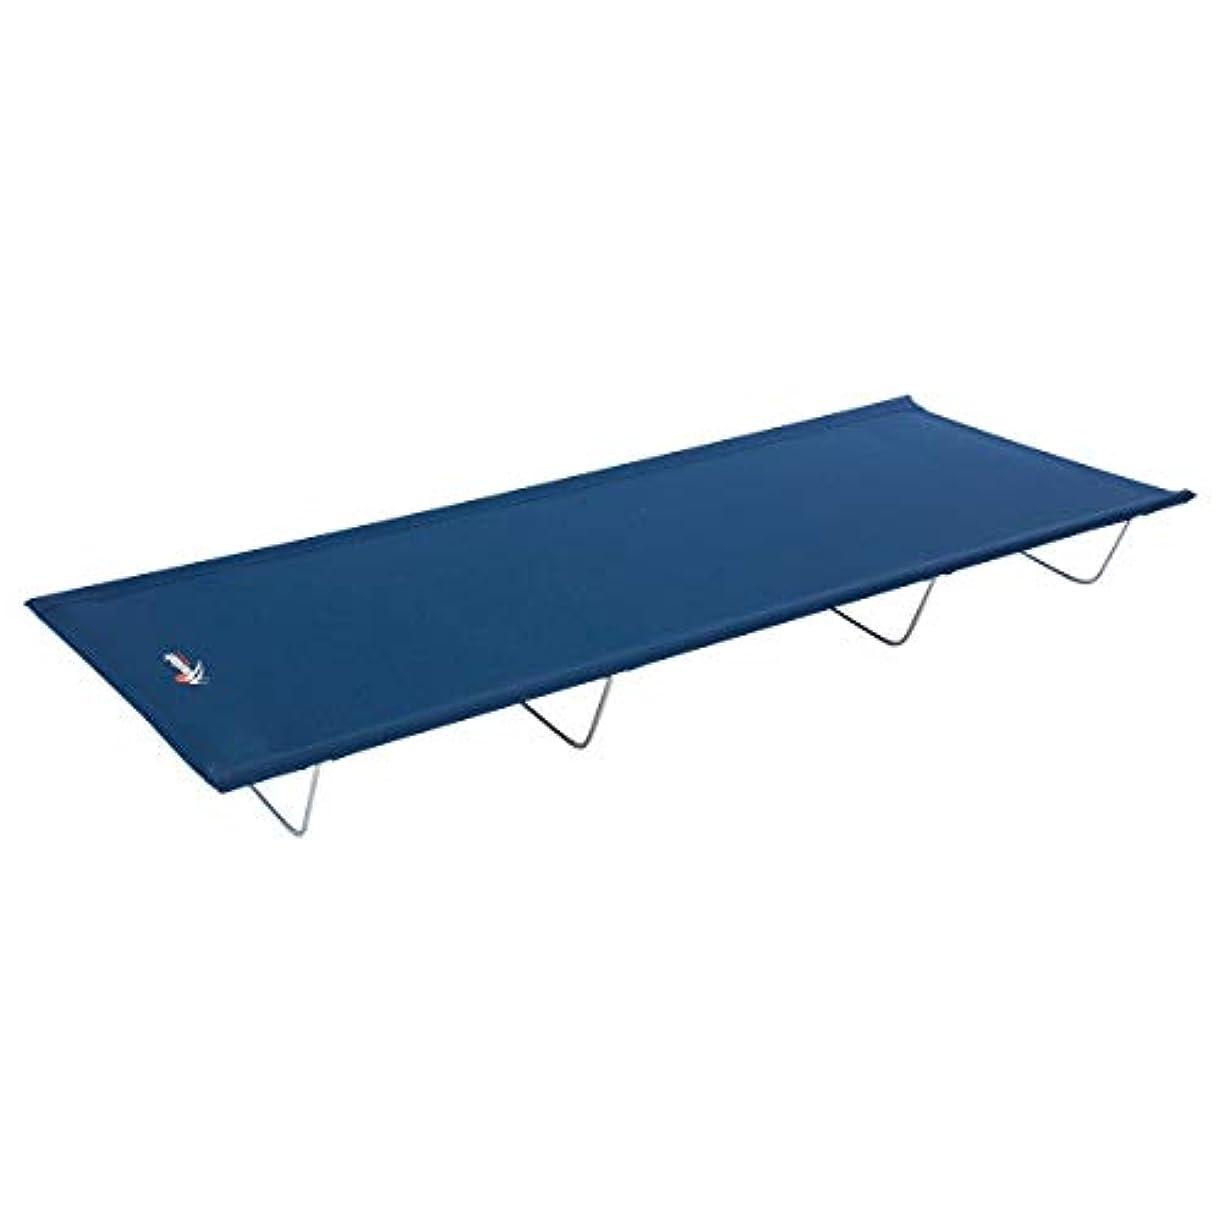 代理店信じる放課後MISC キャンプ用折り畳み式キャンプ用ベッド ブルー 折りたたみ式 軽量 コンテンポラリーグレー ブラック スチールポリエステル